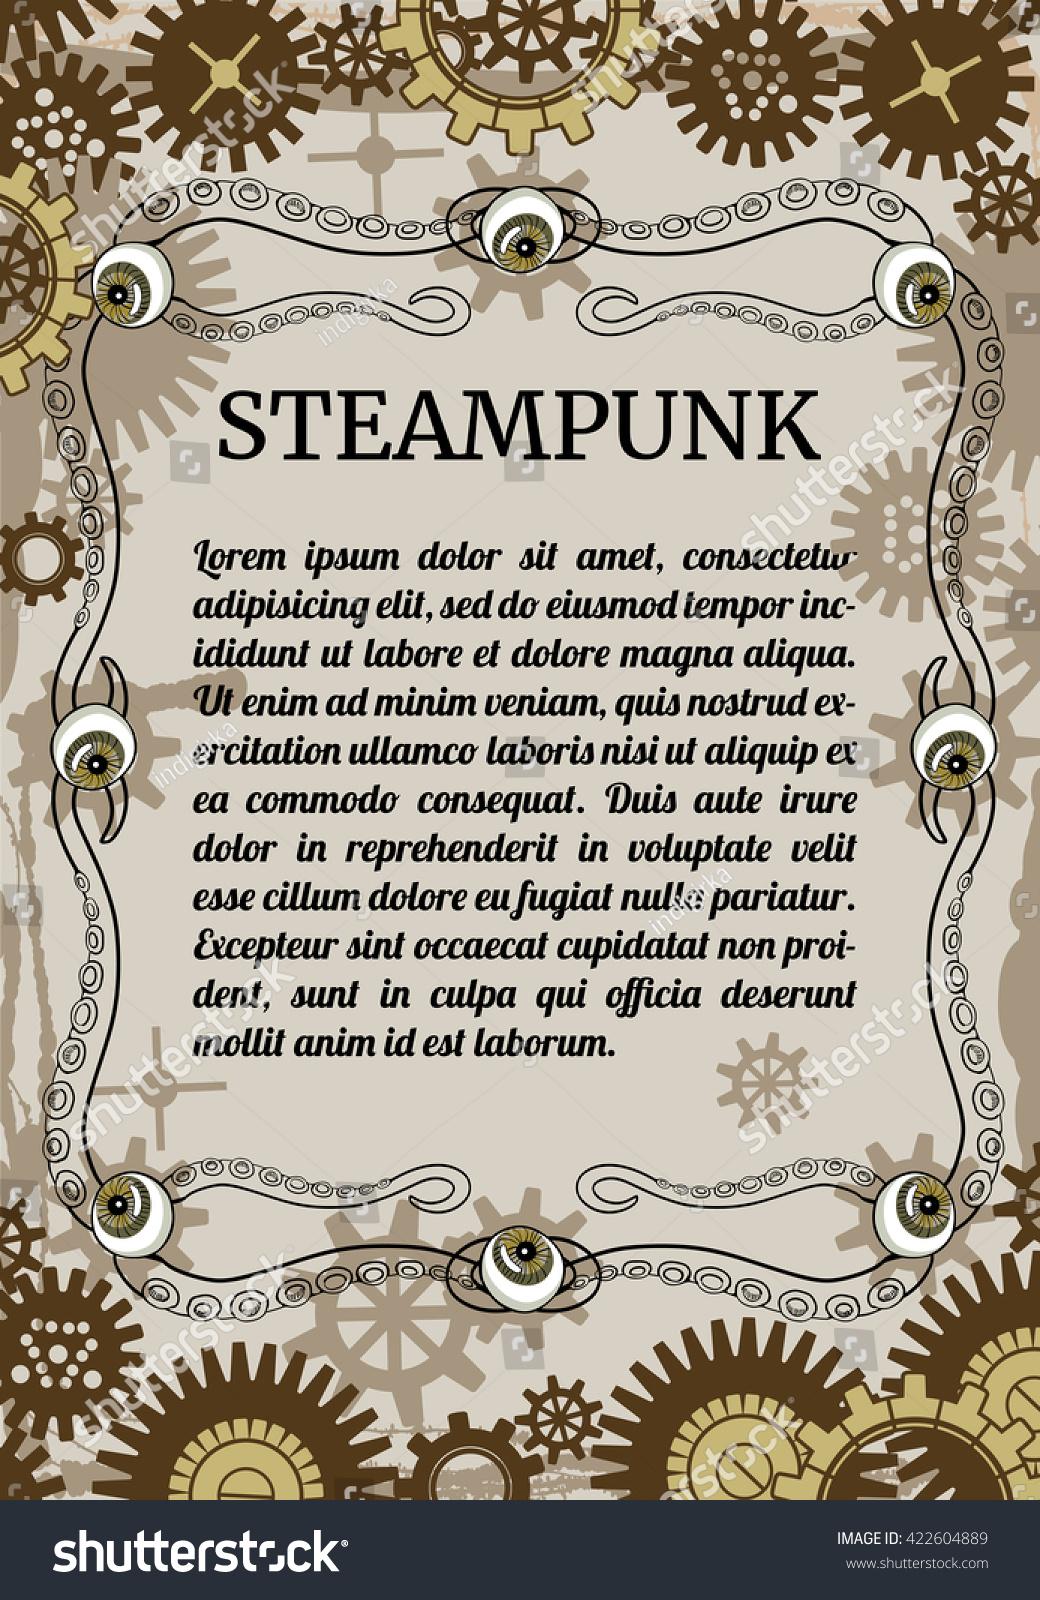 Steampunk Card Retro Illustration Eyeballs Vintage Stock Vector